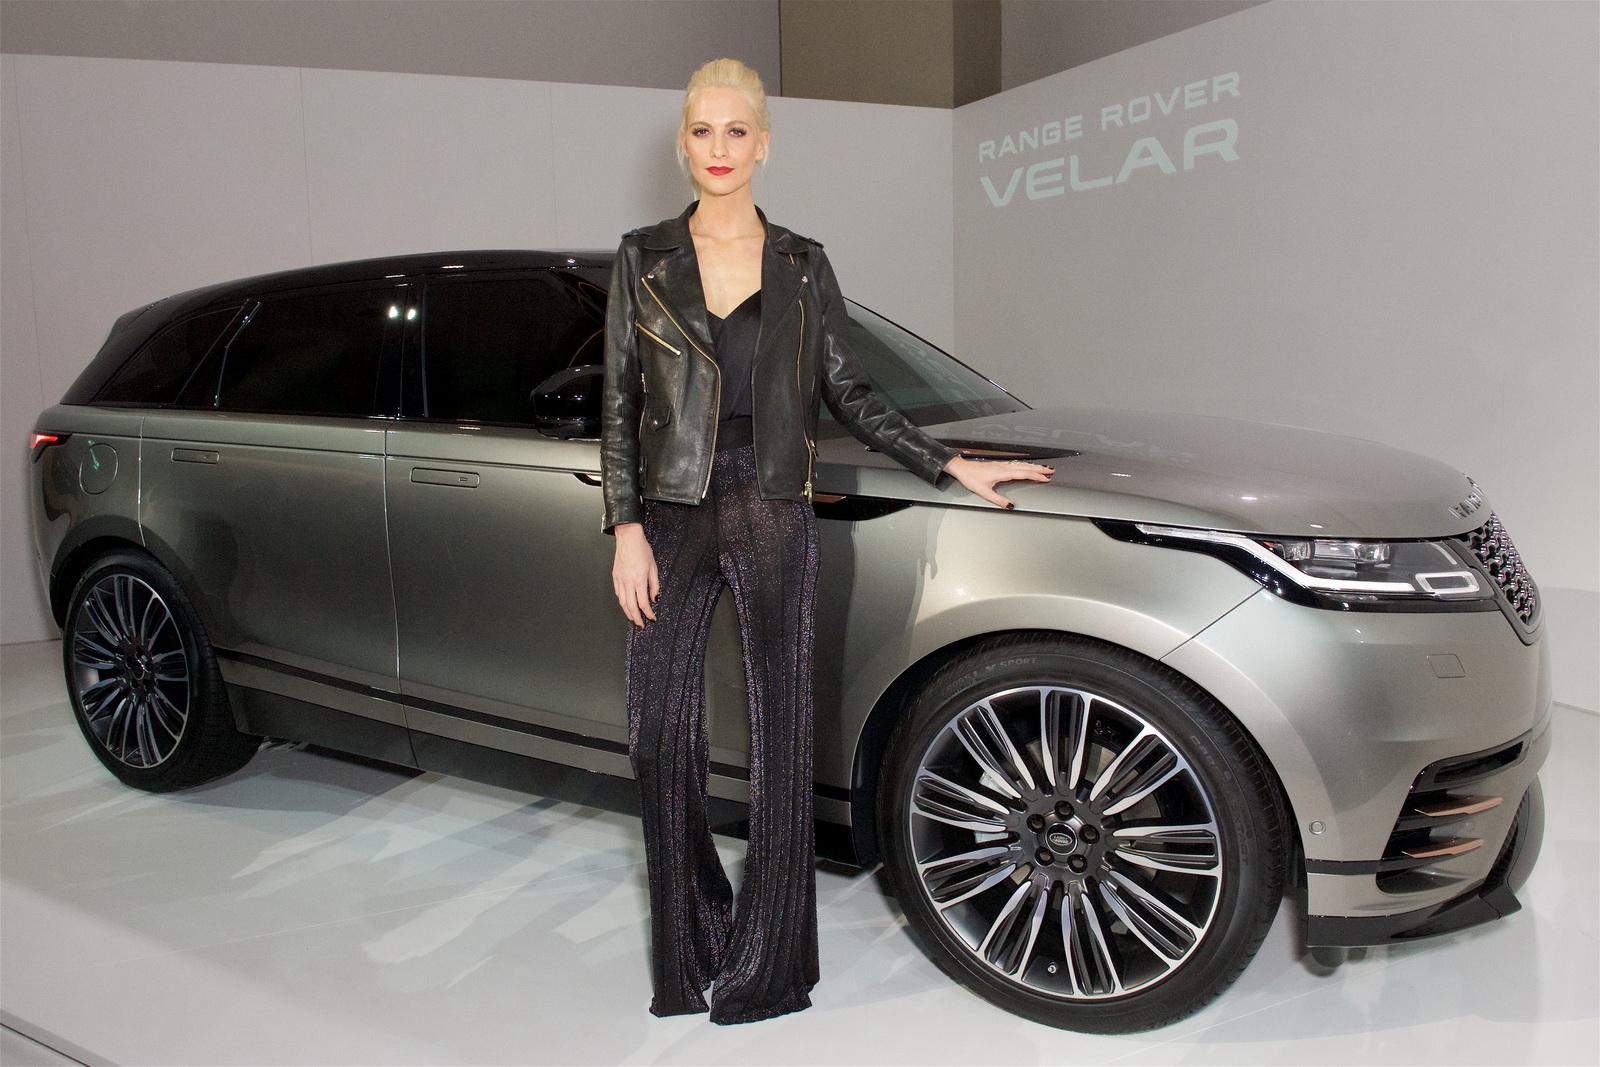 Range Rover Velar in Geneva 2017 (18)